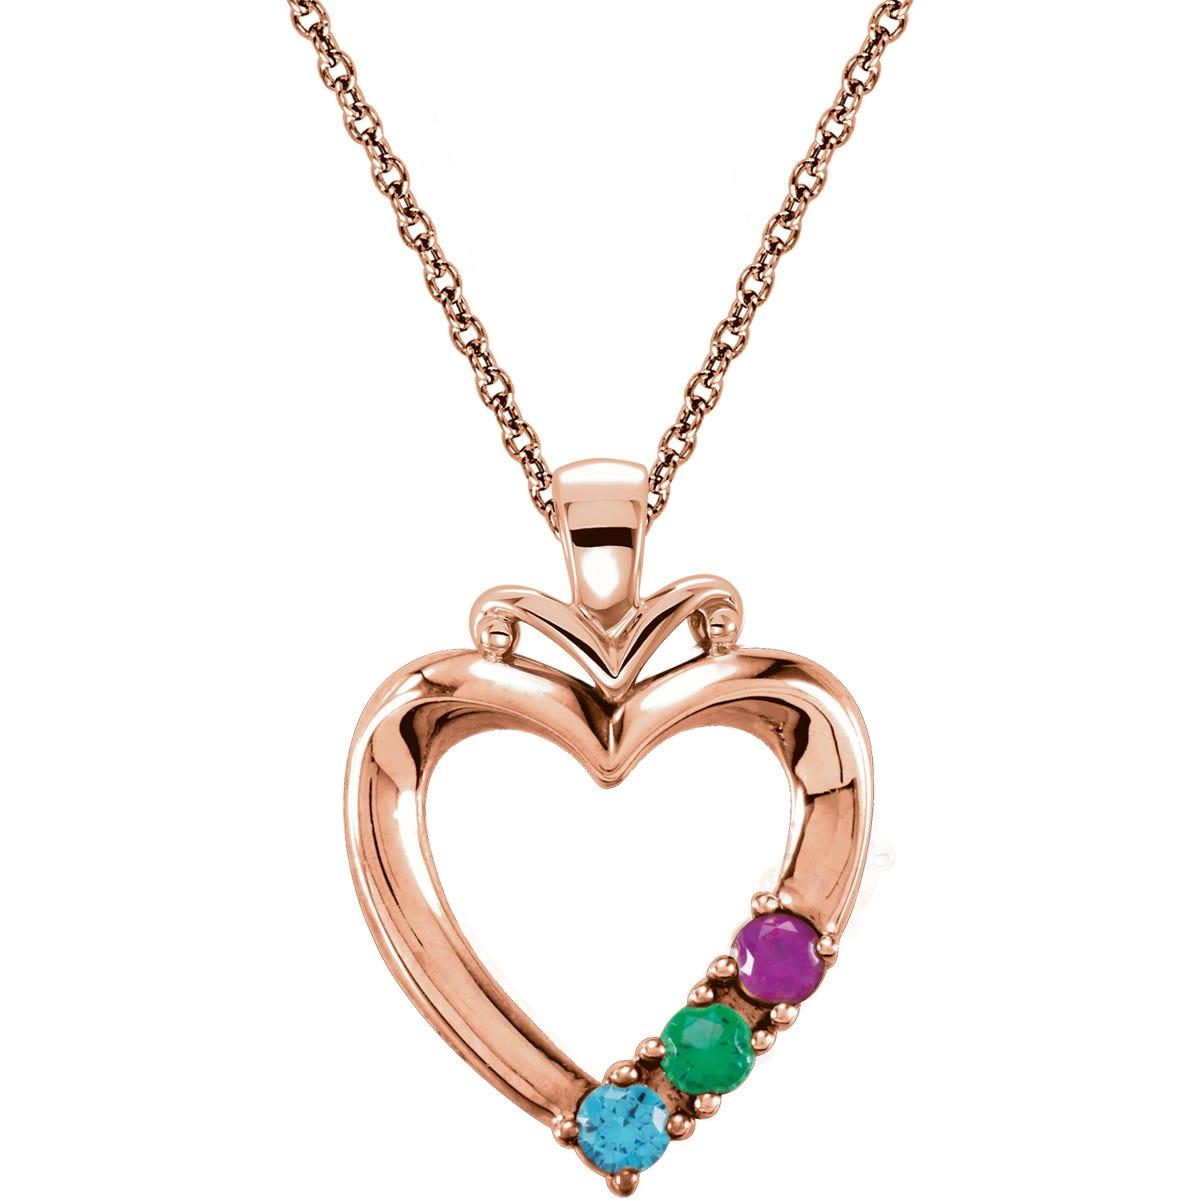 3-Stone Family Heart Pendant in 14k Rose Gold